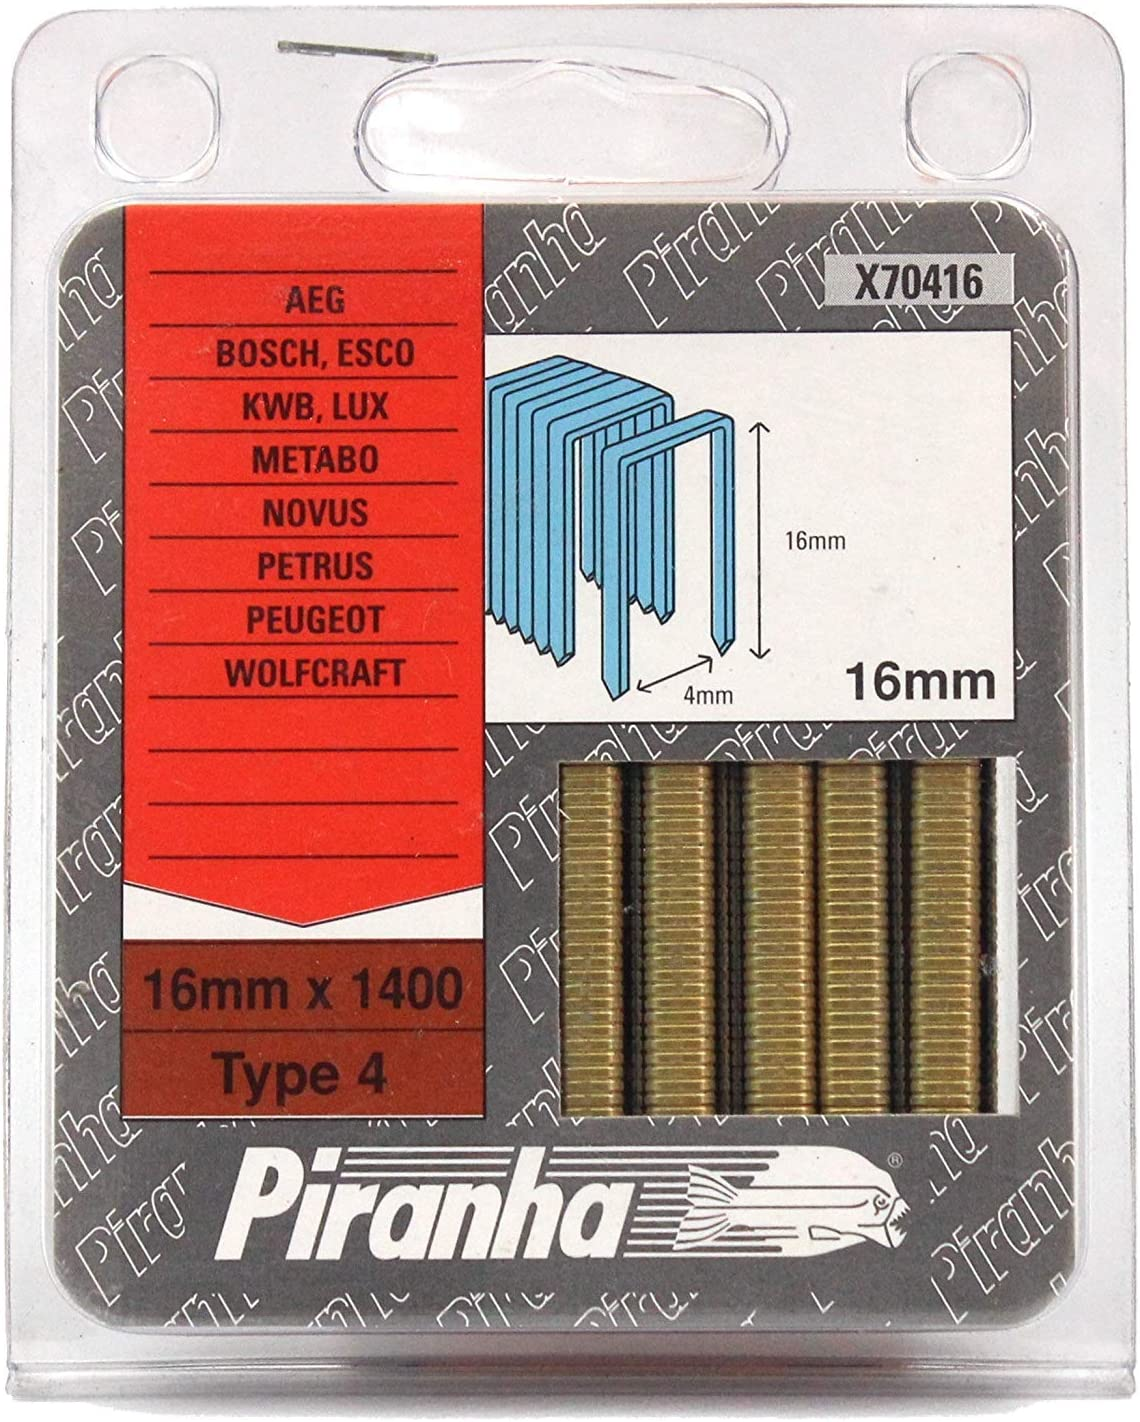 Metabo Piranha X70416/type 4/agrafes 16/mm Bosch Ptk19e Ptk28e Lux Novus 5/packs AEG Powertac 19